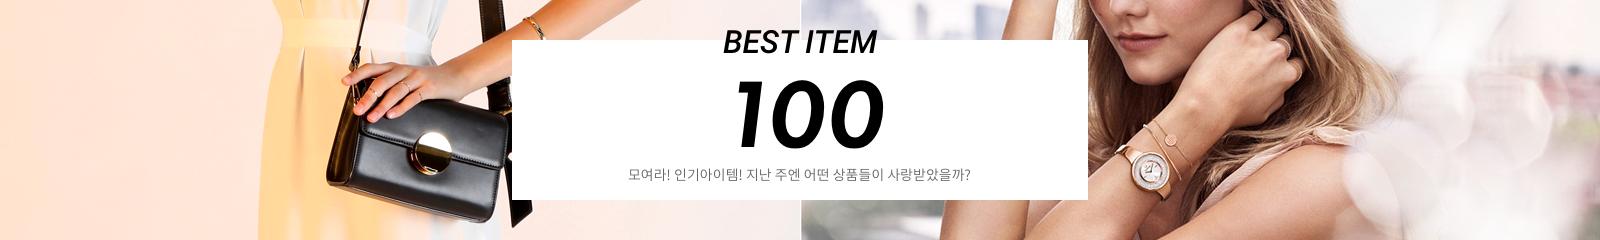 베스트 100 비쥬얼 이미지